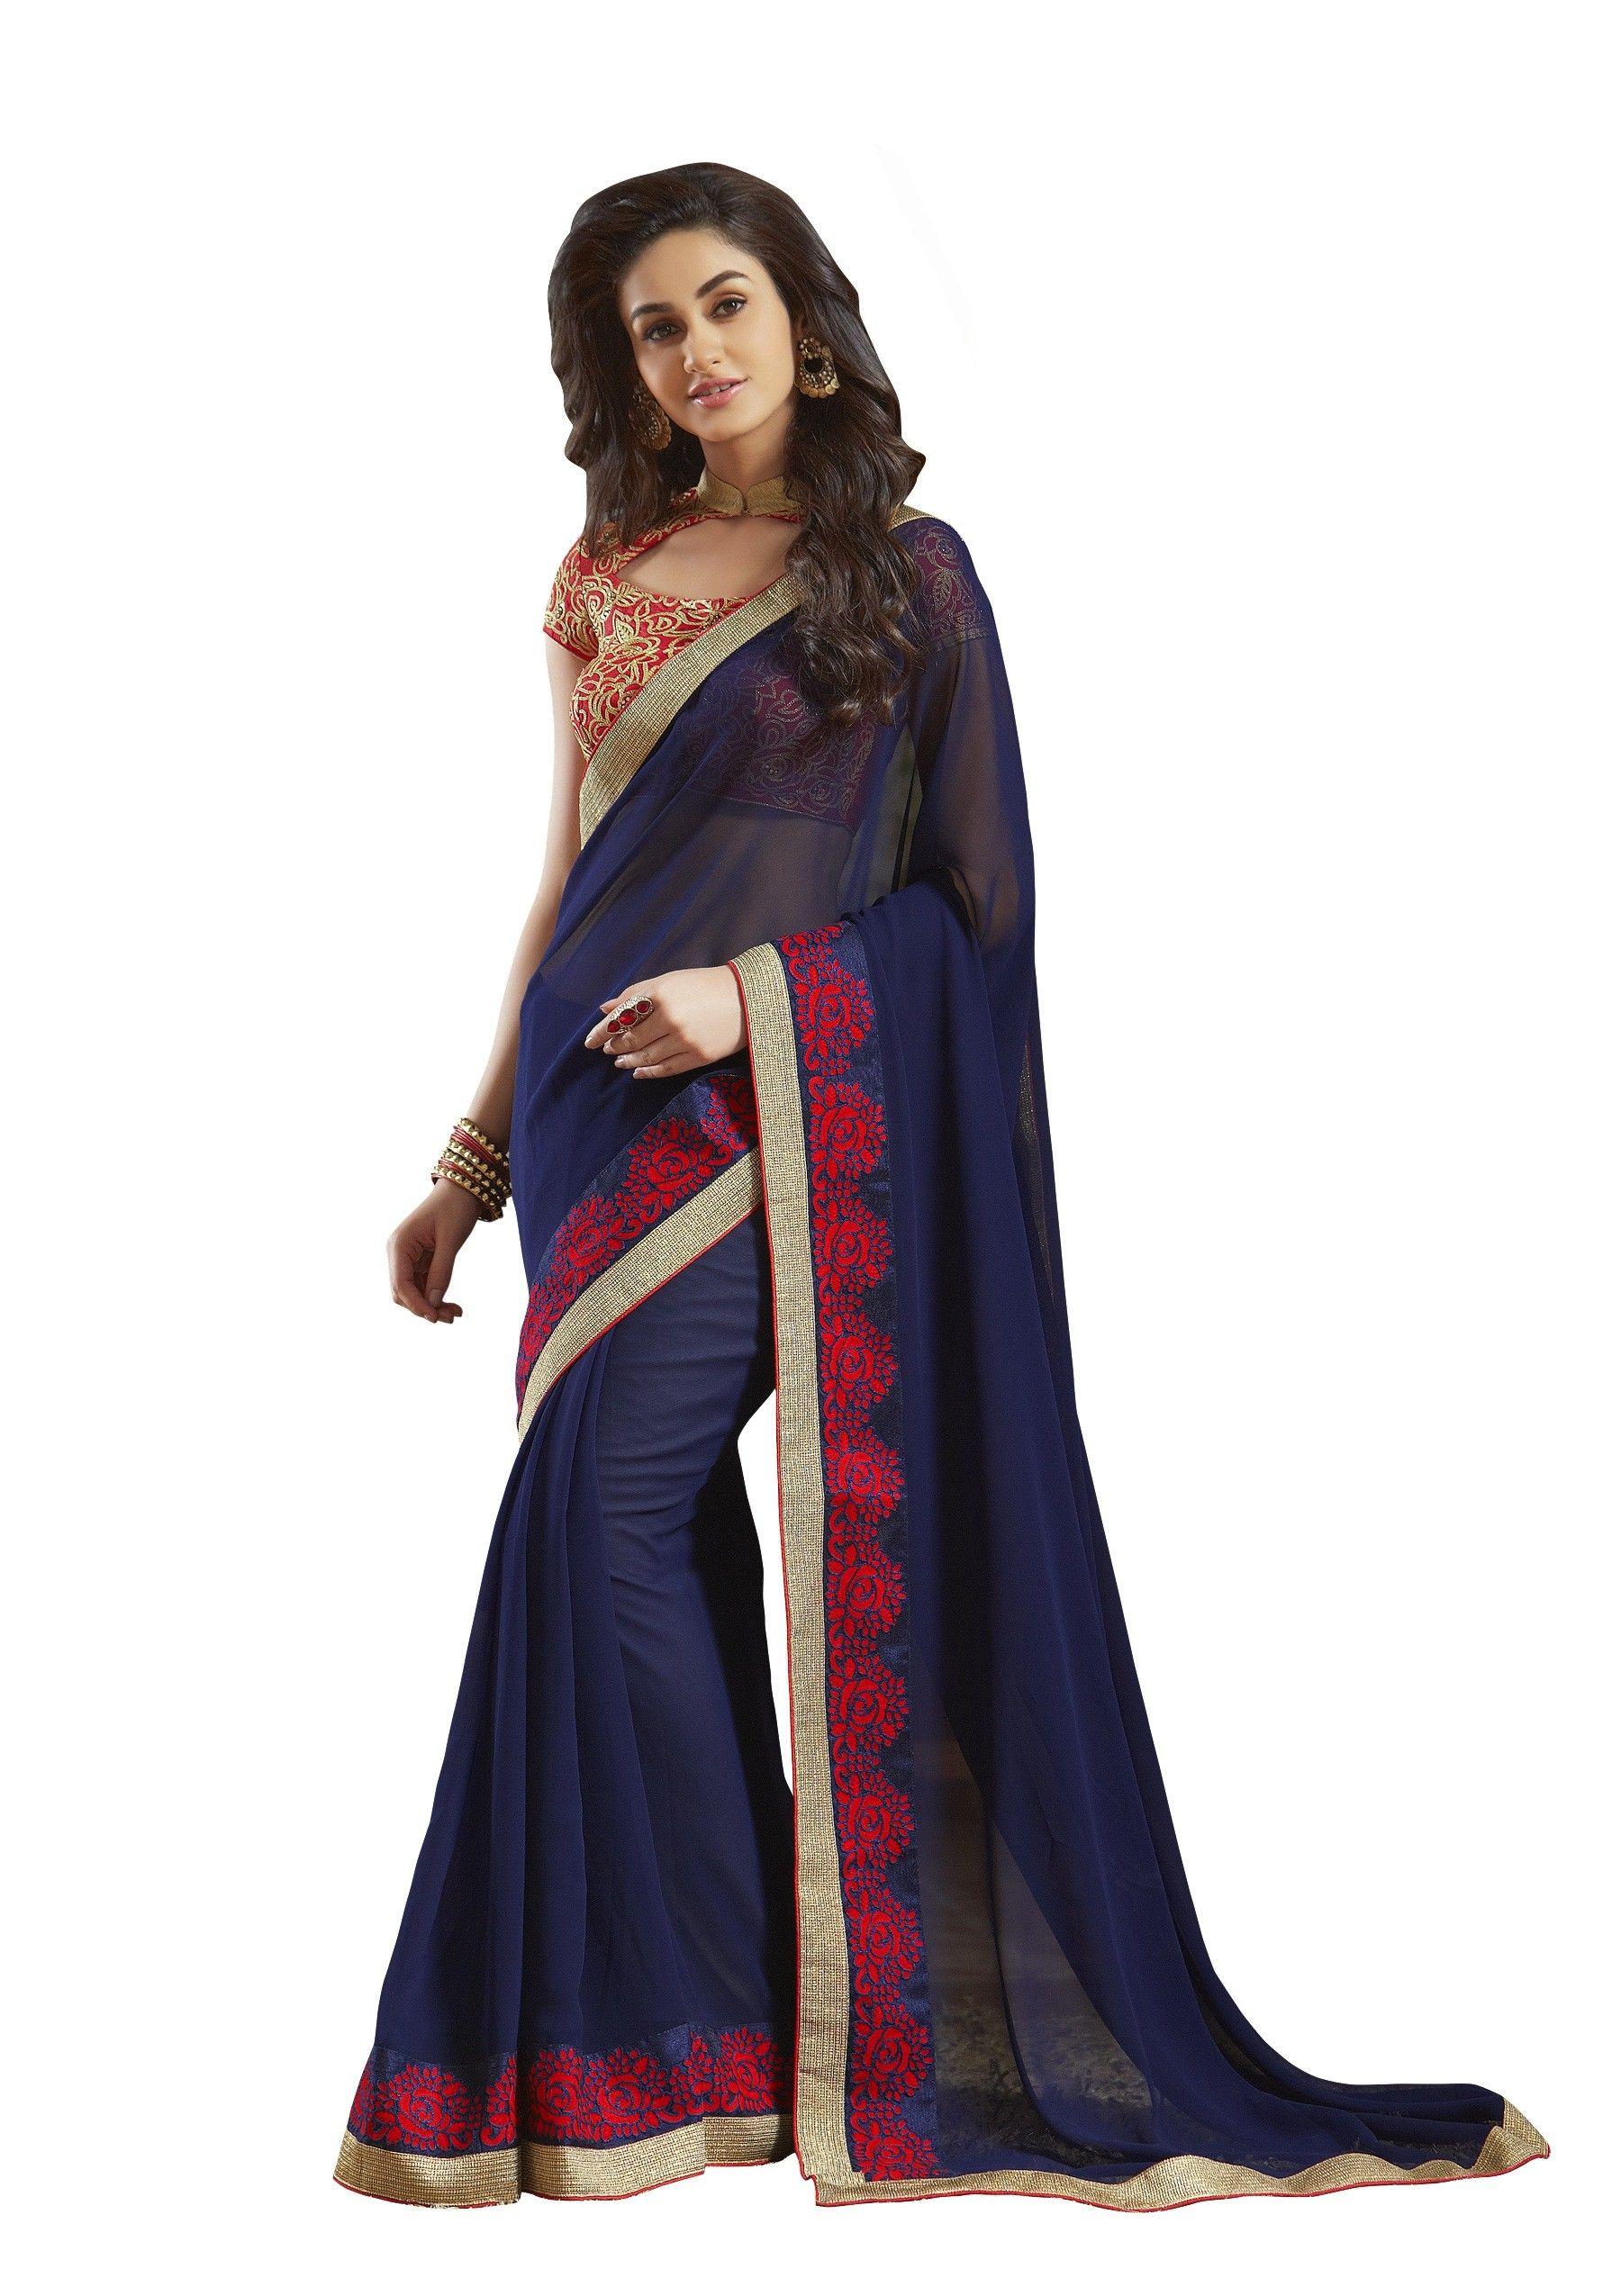 Atemberaubend Indian Brautkleid Designer Ideen - Hochzeit Kleid ...